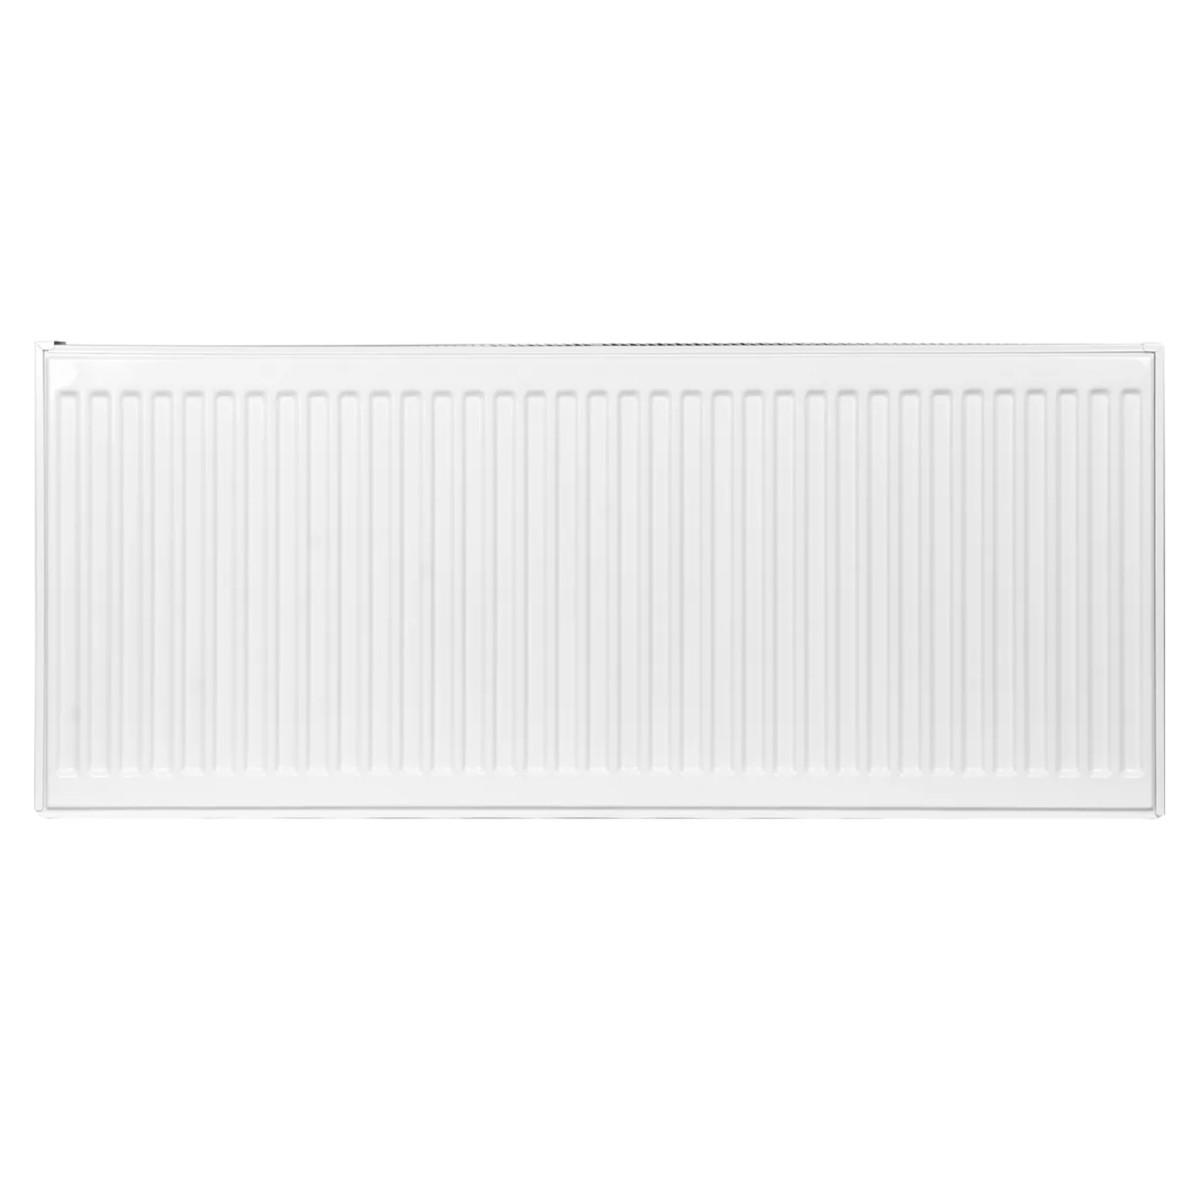 Радиатор стальной Profil 22 500х1200 мм цвет белый